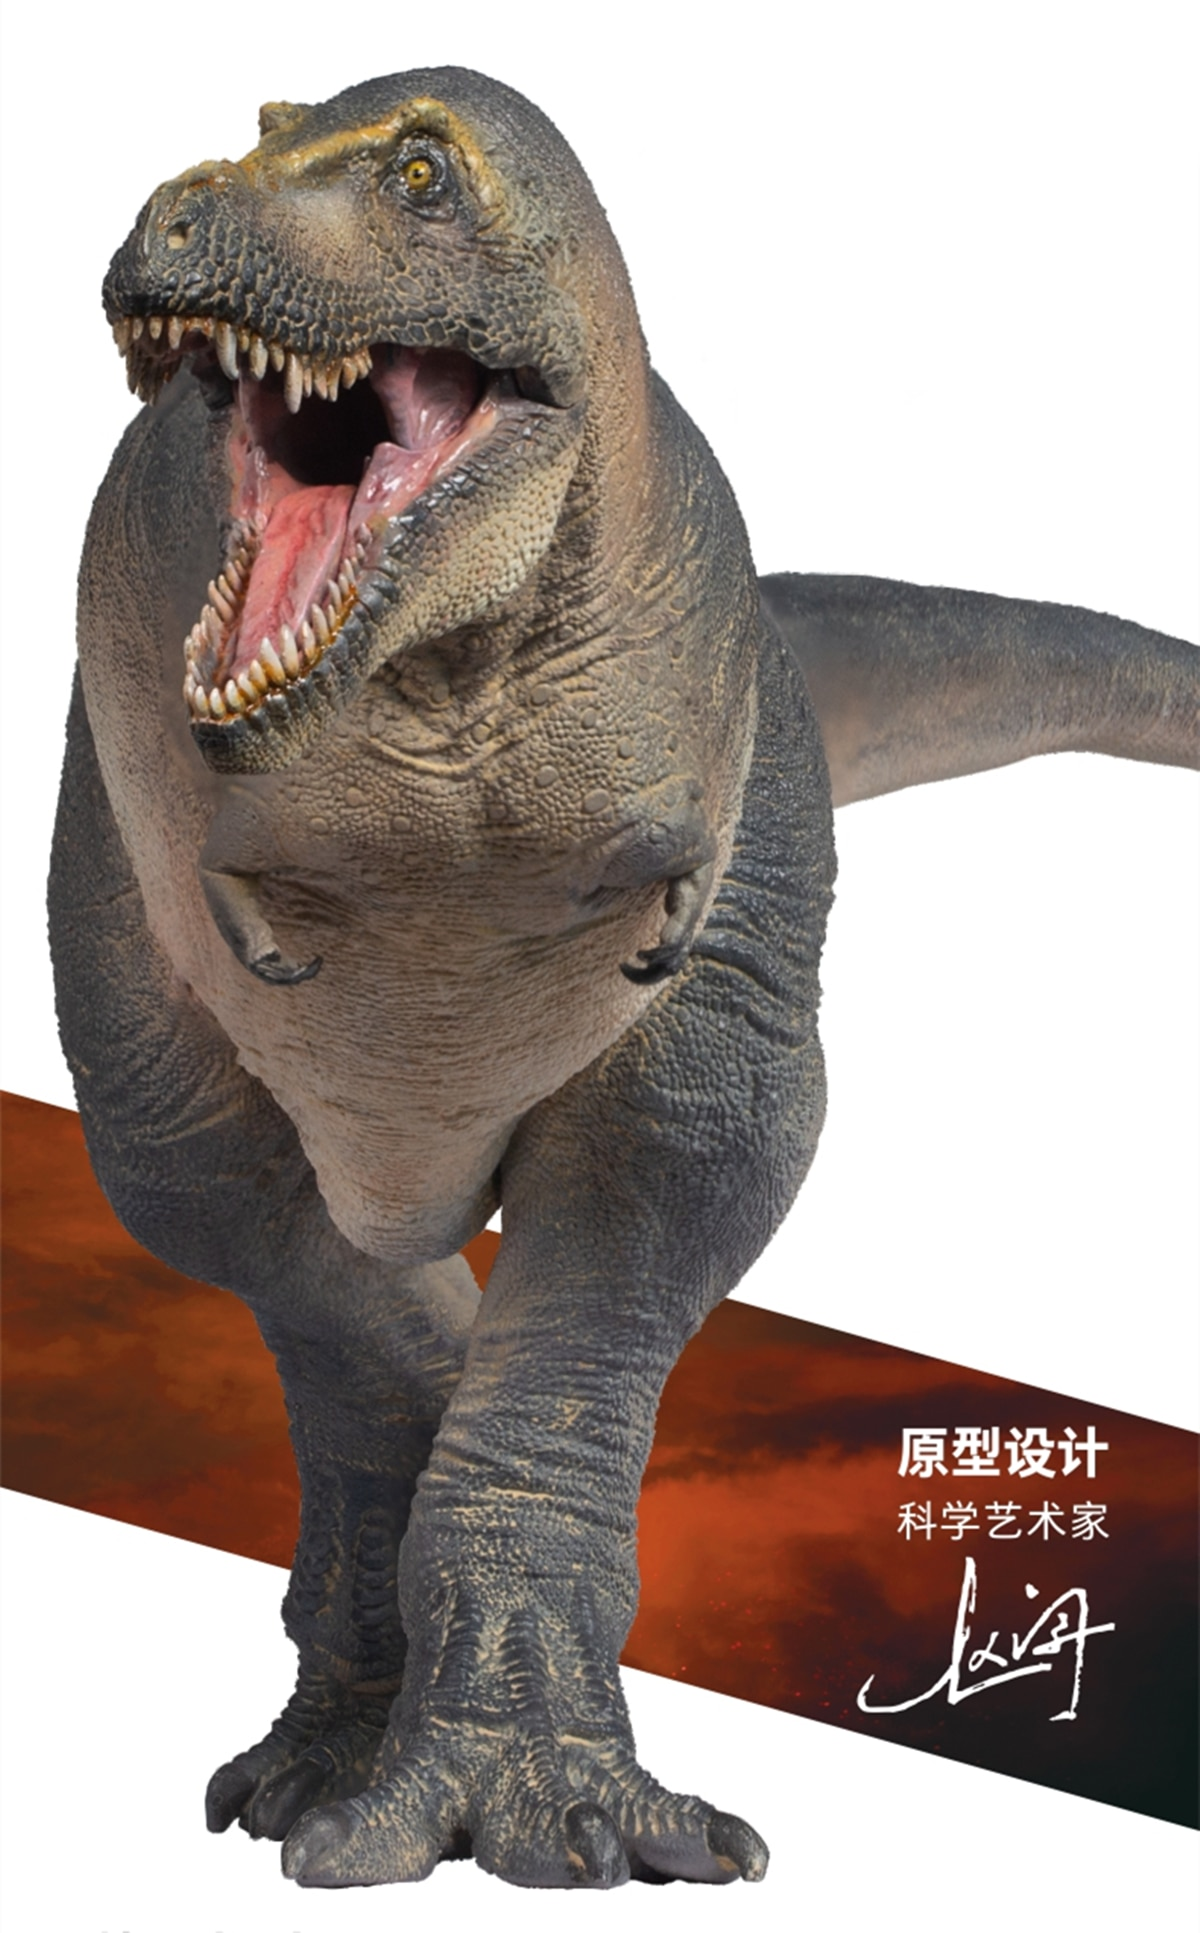 في الأسهم! نموذج PNSO Tarbosaurus Chuanzi الديناصور الديناصور Tyrannosauridae حيوان جامع الديكور لعبة الكبار هدية